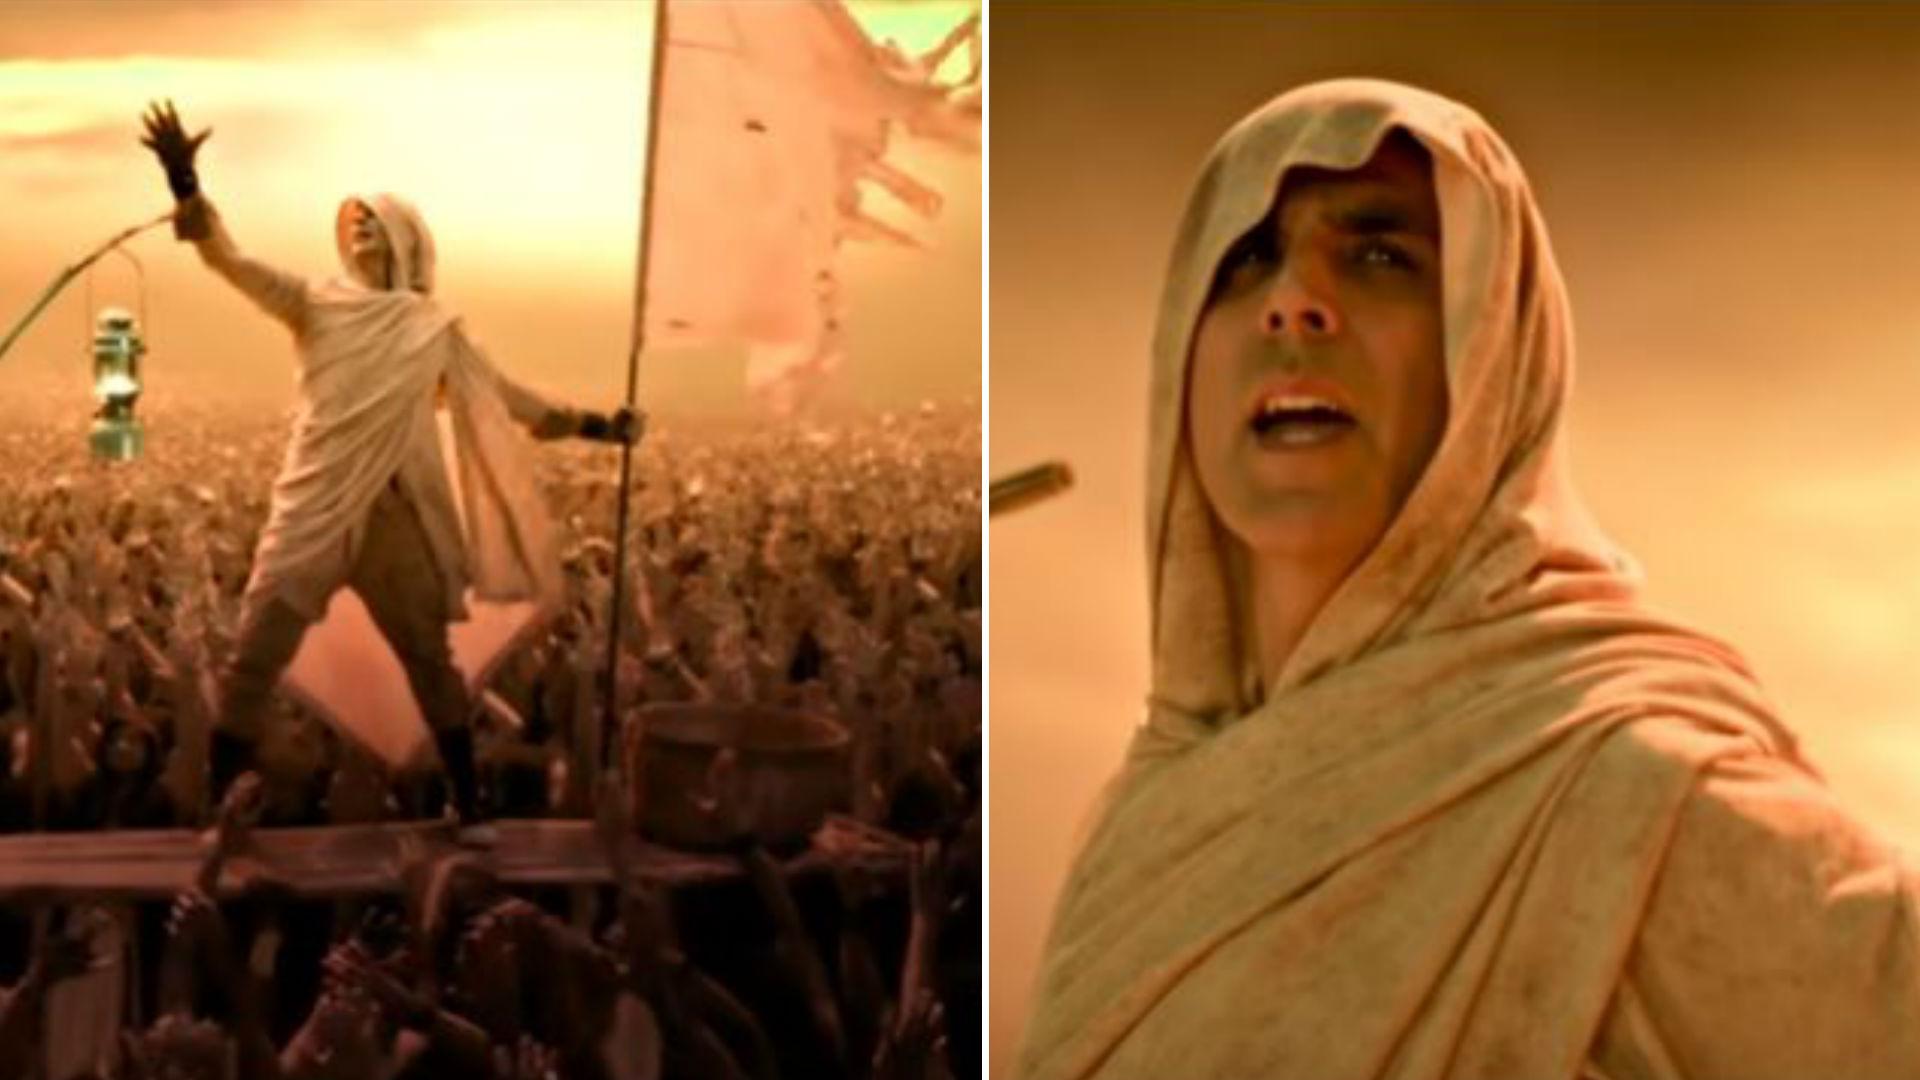 करण कपाड़िया की फिल्म ब्लैंक का गाना अली अली लॉन्च, दमदार अंदाज में दिखे अक्षय कुमार